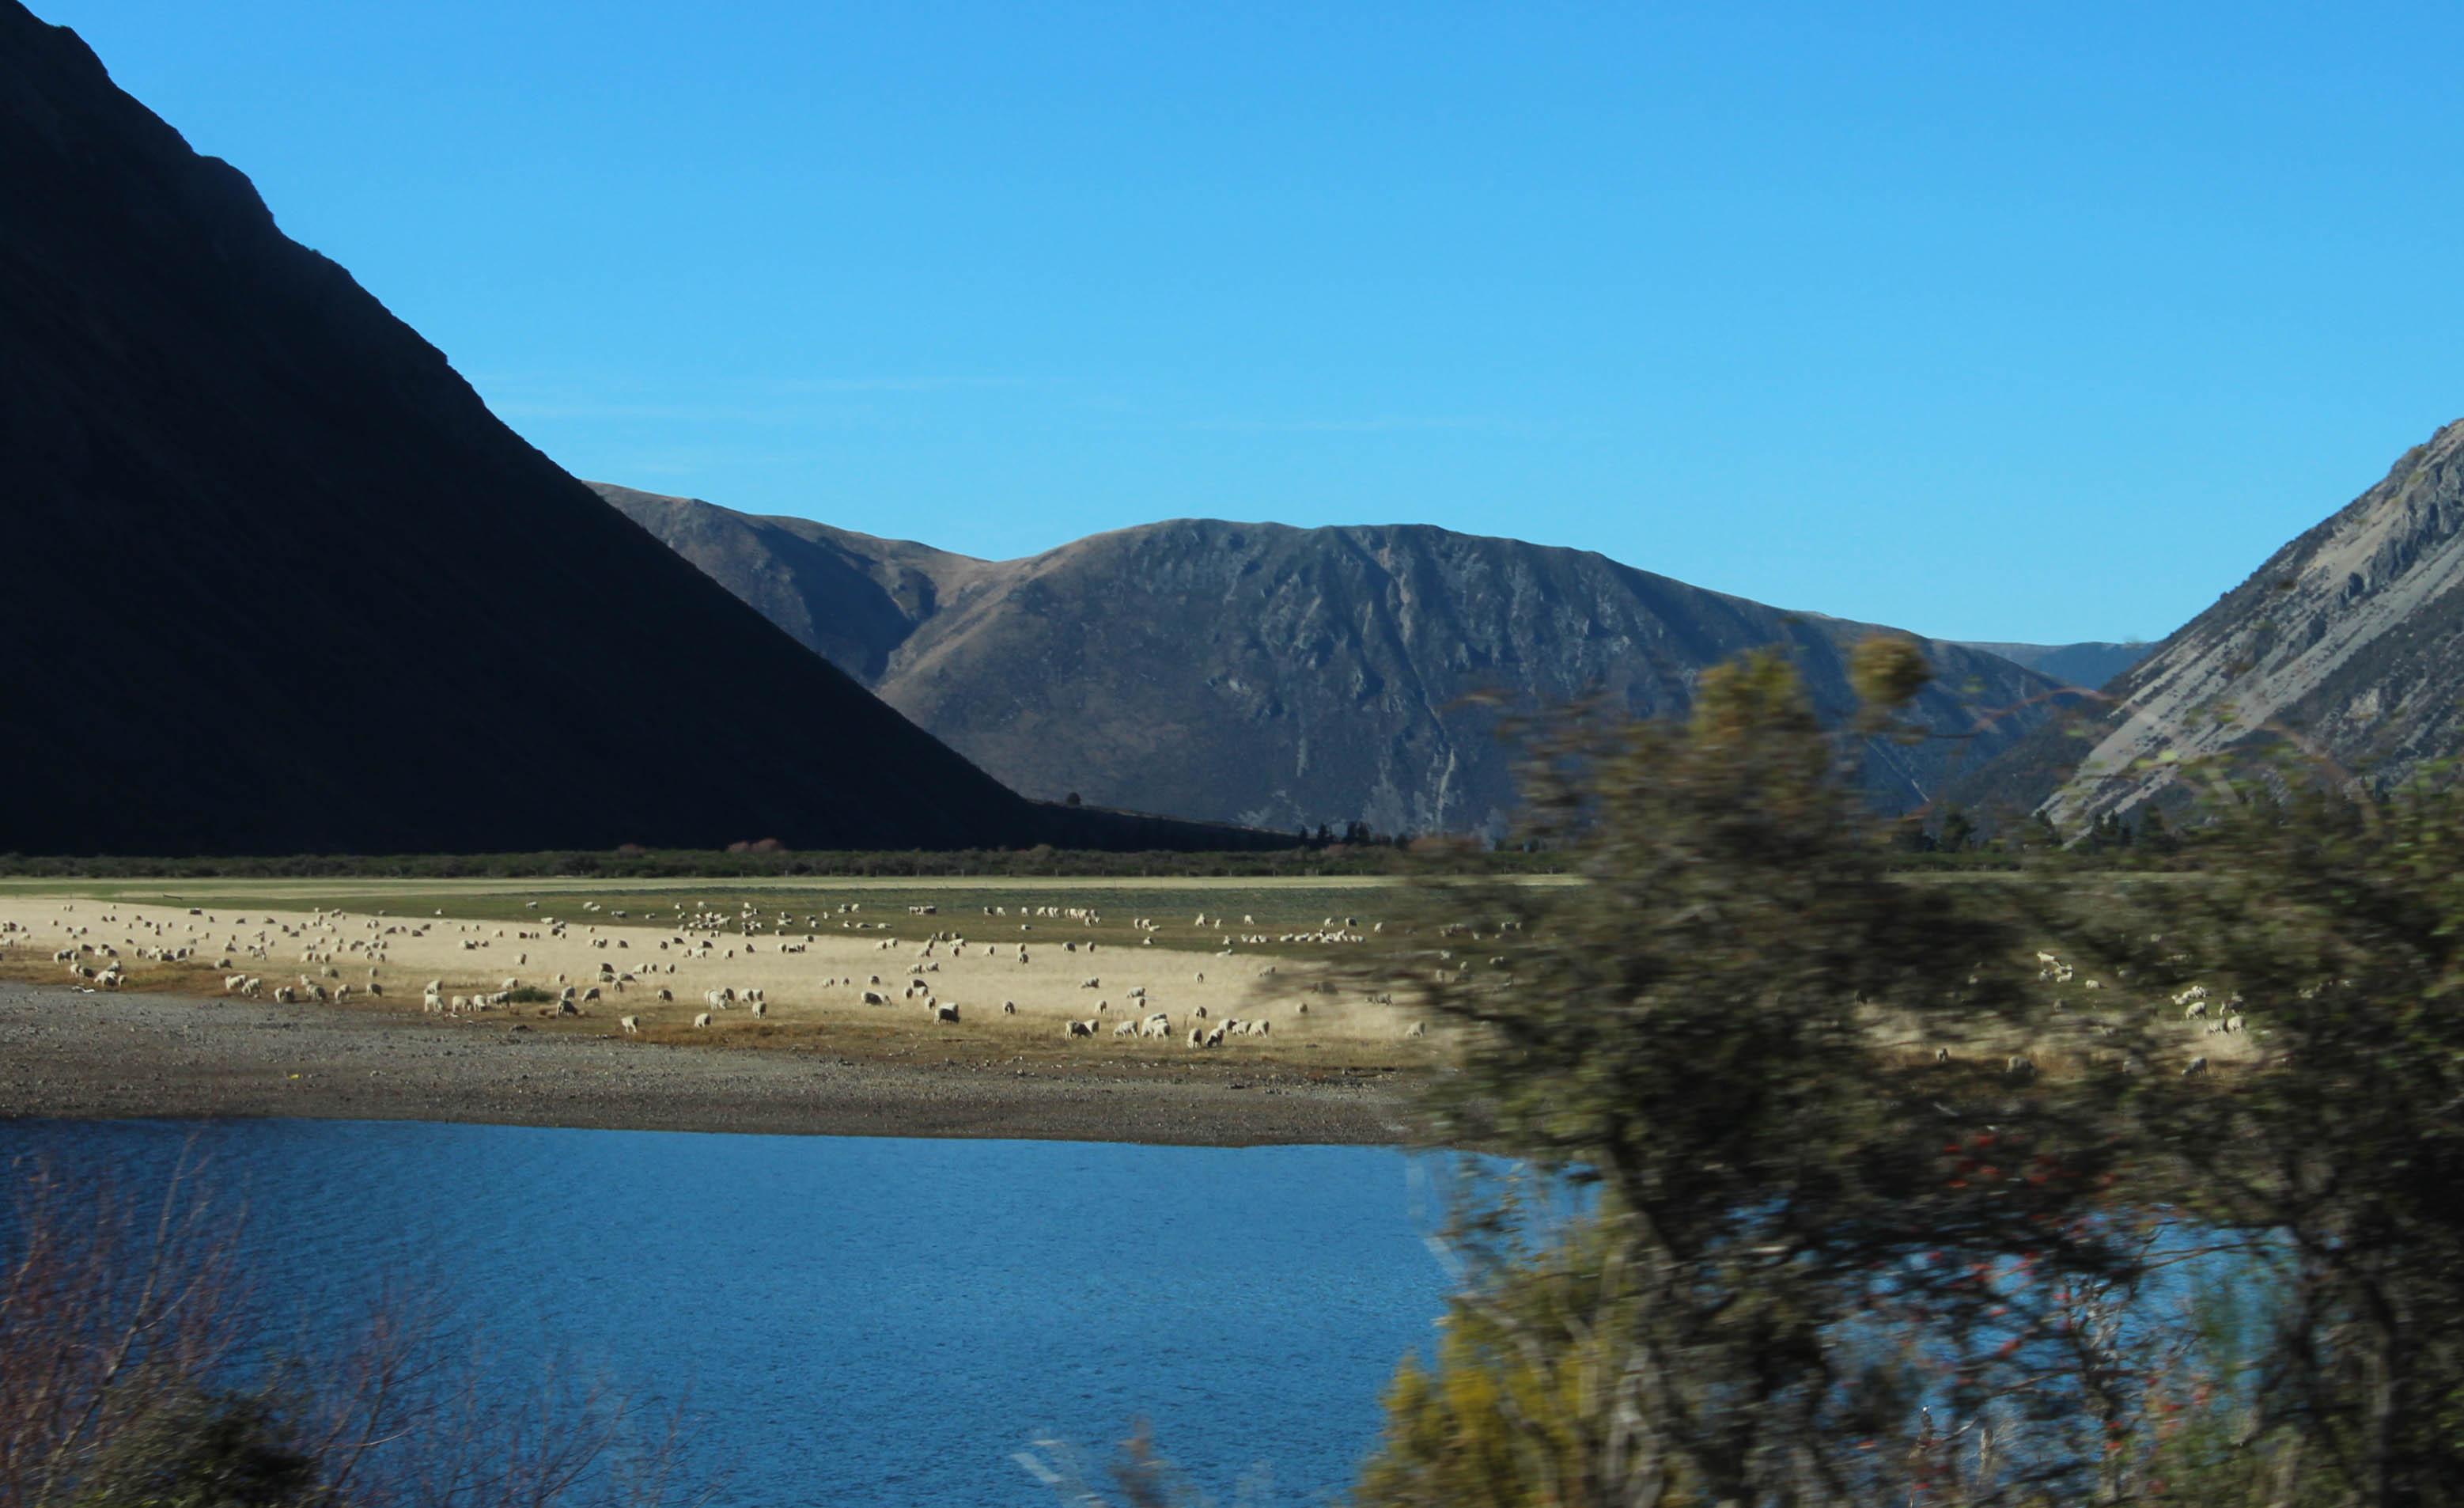 Nouvelle Zélande - Arthur's pass & Akaroa - les lubies de louise (10 sur 46)